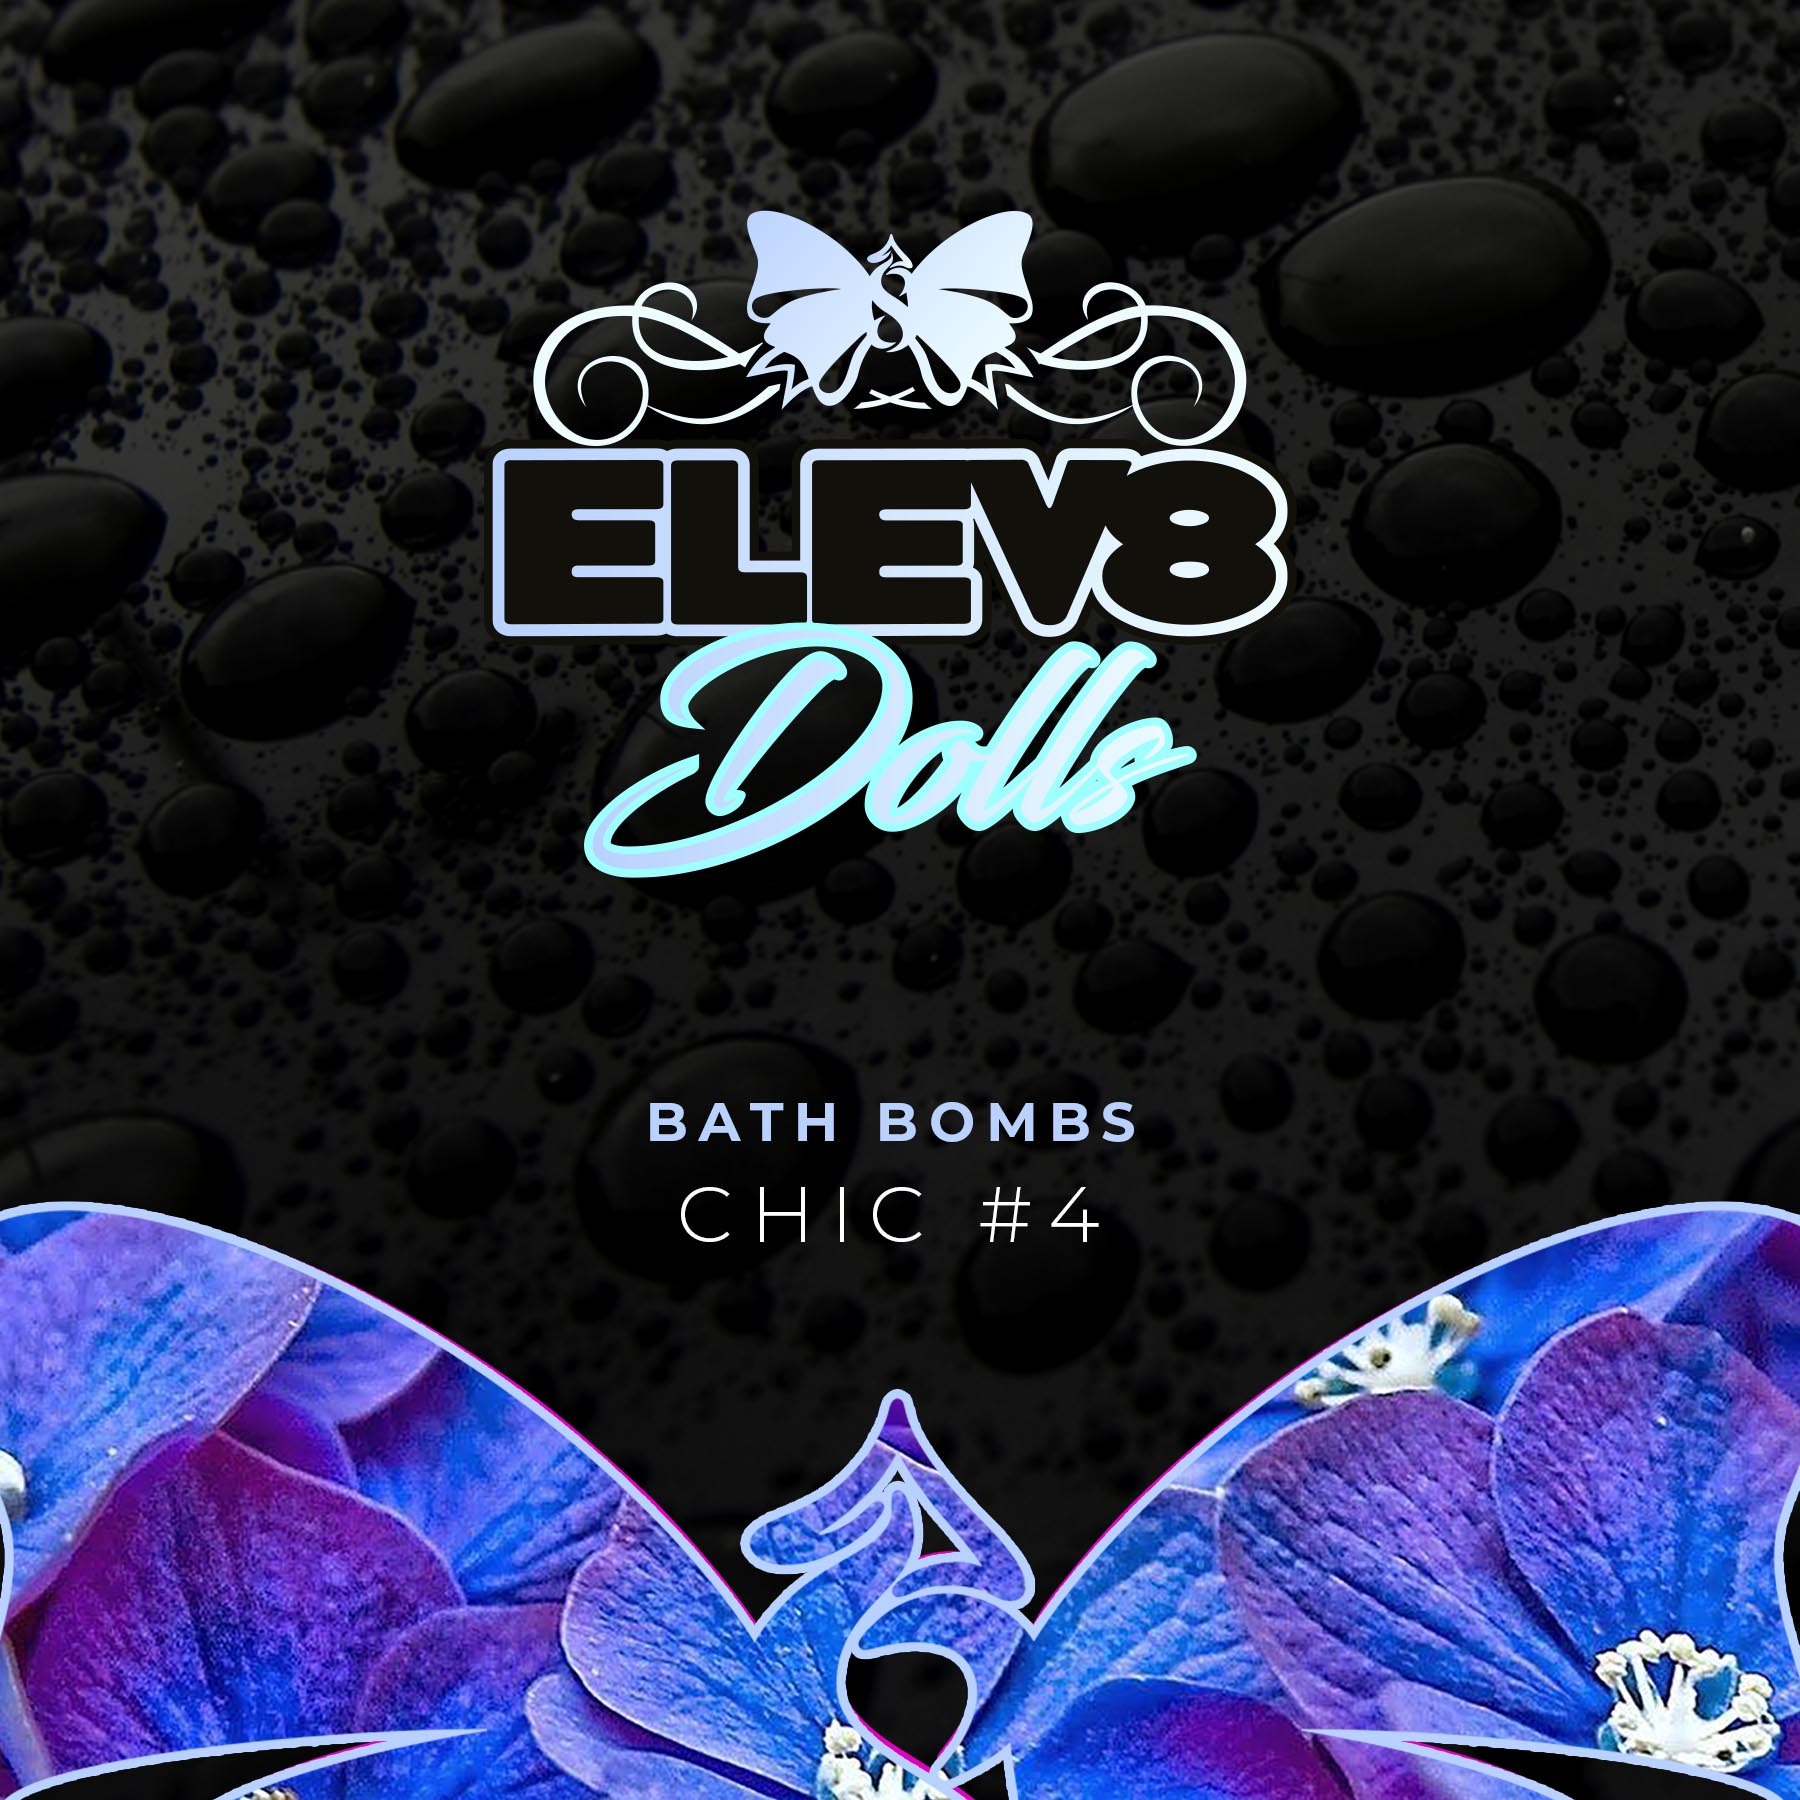 chic-4-elev8-doll-bath-bomb.jpg